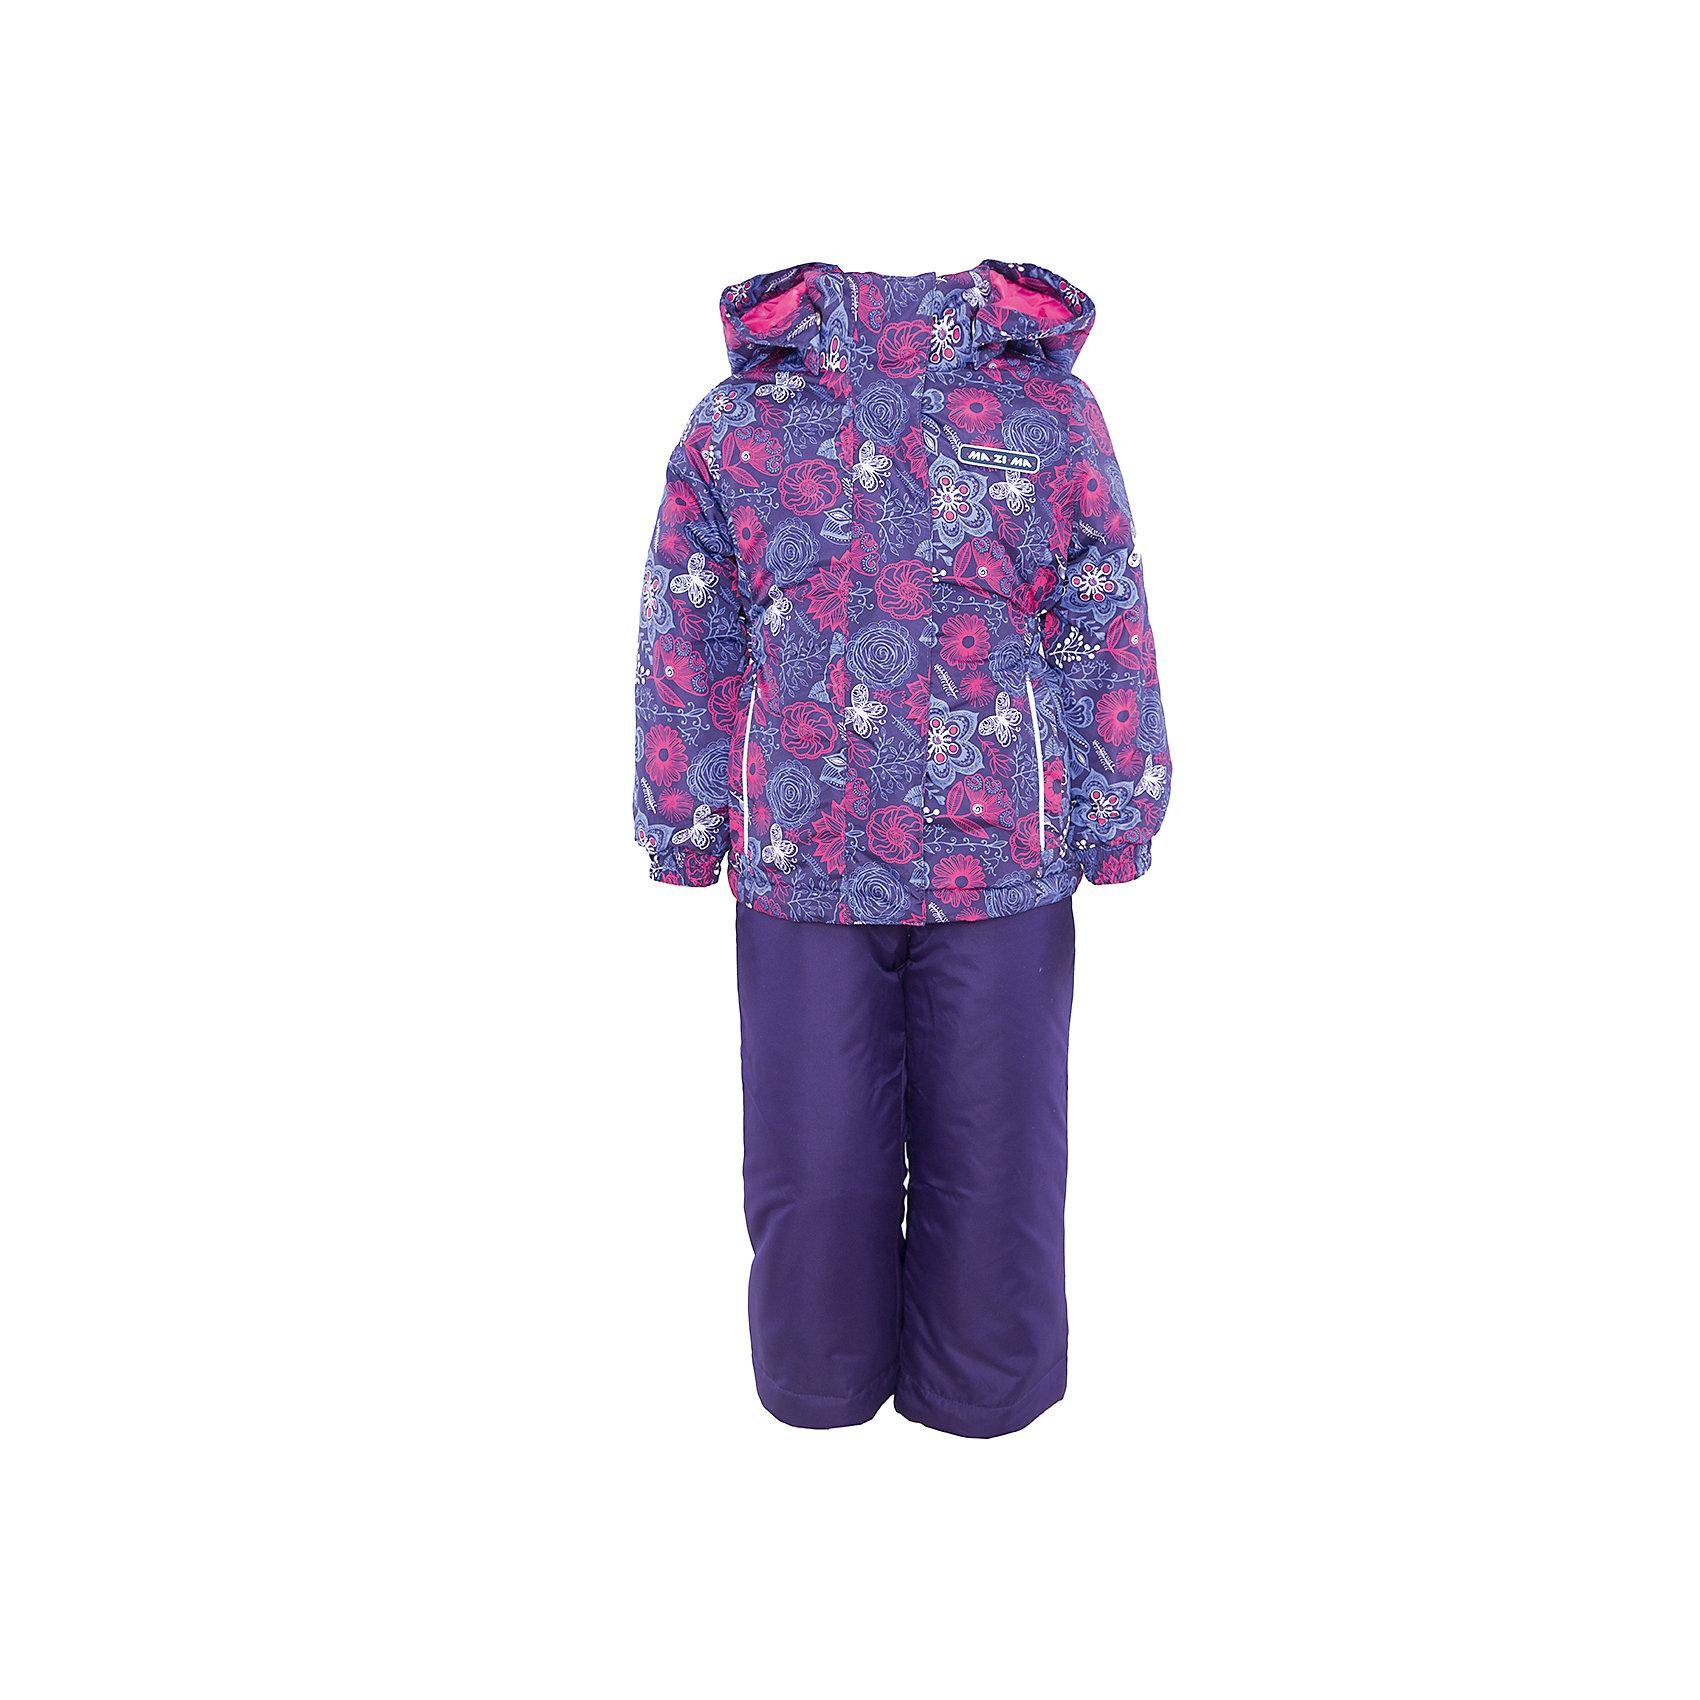 Комплект: куртка и полукомбинезон для девочки Ma-Zi-MaВерхняя одежда<br>Характеристики товара:<br><br>• цвет: фиолетовый<br>• состав: полиэстер 3000мм/3000г/м2/24h<br>• подкладка: Taffeta <br>• утеплитель - полиэстер (120г/м2)<br>• светоотражающие элементы<br>• температурный режим: от -5°С до +10°С<br>• застежка - молния<br>• капюшон съемный<br>• принт<br>• ветронепроницаемый, водо- и грязеотталкивающий и дышащий материал<br>• эластичные манжеты<br>• регулируемые подтяжки<br>• комфортная посадка<br>• страна бренда: Российская Федерация<br><br>Демисезонный комплект из куртки и брюк - универсальный вариант и для прохладной осени, и для первых заморозков. Эта модель - модная и удобная одновременно! Куртка отличается стильным ярким дизайном. Комплект хорошо сидит по фигуре, отлично сочетается с различной обувью. Вещь была разработана специально для детей.<br><br>Одежда от российского бренда Ma-Zi-Ma создается при участии канадских специалистов. Она уже завоевала популярностью у многих детей и их родителей. Вещи, выпускаемые компанией, качественные, продуманные и очень удобные. Для производства коллекций используются только безопасные для детей материалы.<br><br>Комплект: куртка и полукомбинезон для девочки от бренда Ma-Zi-Ma можно купить в нашем интернет-магазине.<br><br>Ширина мм: 356<br>Глубина мм: 10<br>Высота мм: 245<br>Вес г: 519<br>Цвет: синий<br>Возраст от месяцев: 48<br>Возраст до месяцев: 60<br>Пол: Женский<br>Возраст: Детский<br>Размер: 110,116,122,128,134,140,146,152,92,98,104<br>SKU: 5383963